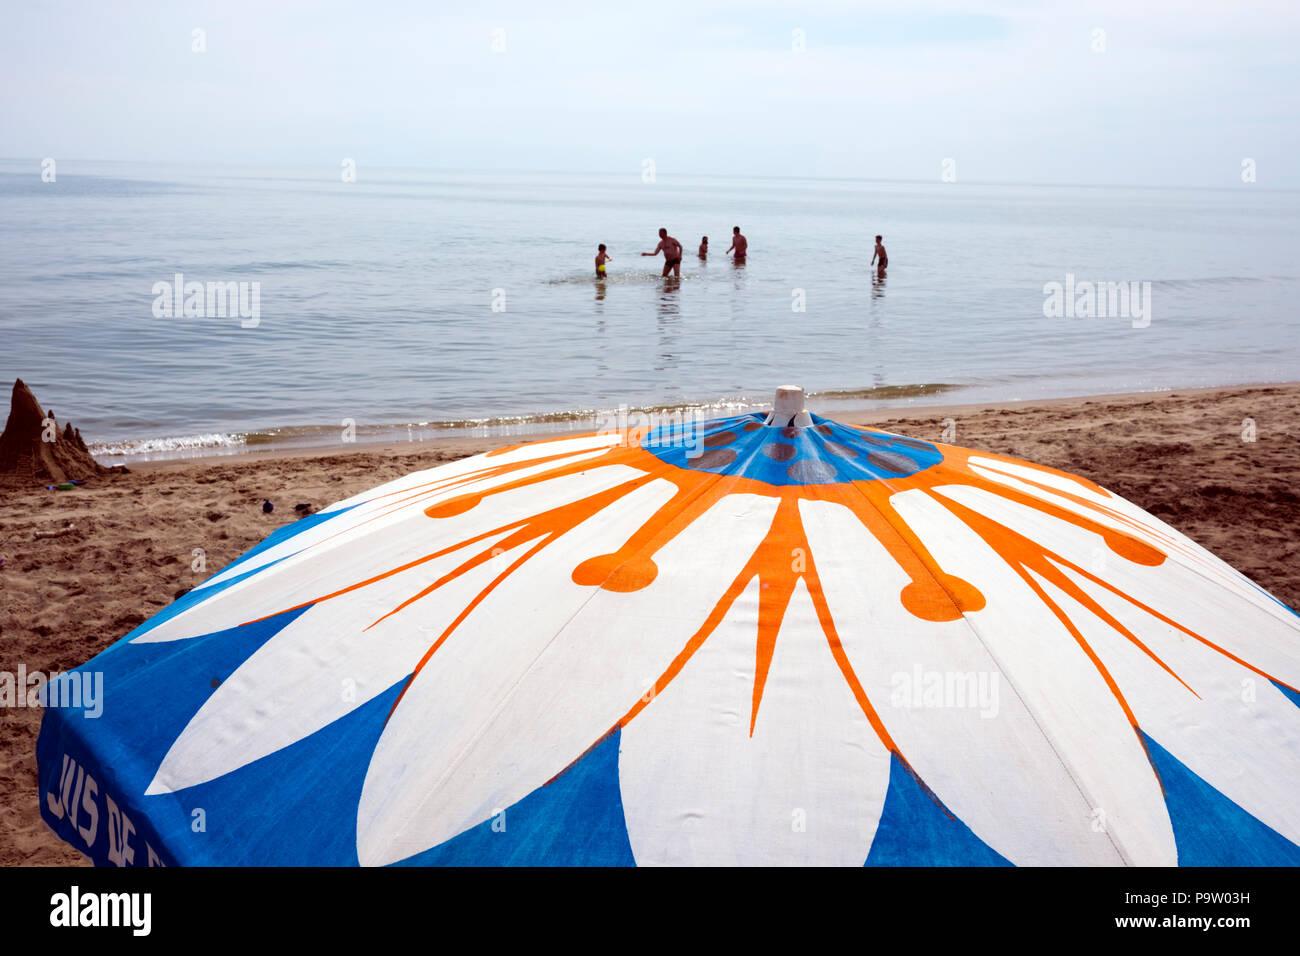 Querformat von Vater Ball spielen mit vier Jungen in einer ruhigen Mittelmeer stehend, mit 7/8-vintage Baumwolle Sonnenschirm am Strand im Vordergrund Stockbild